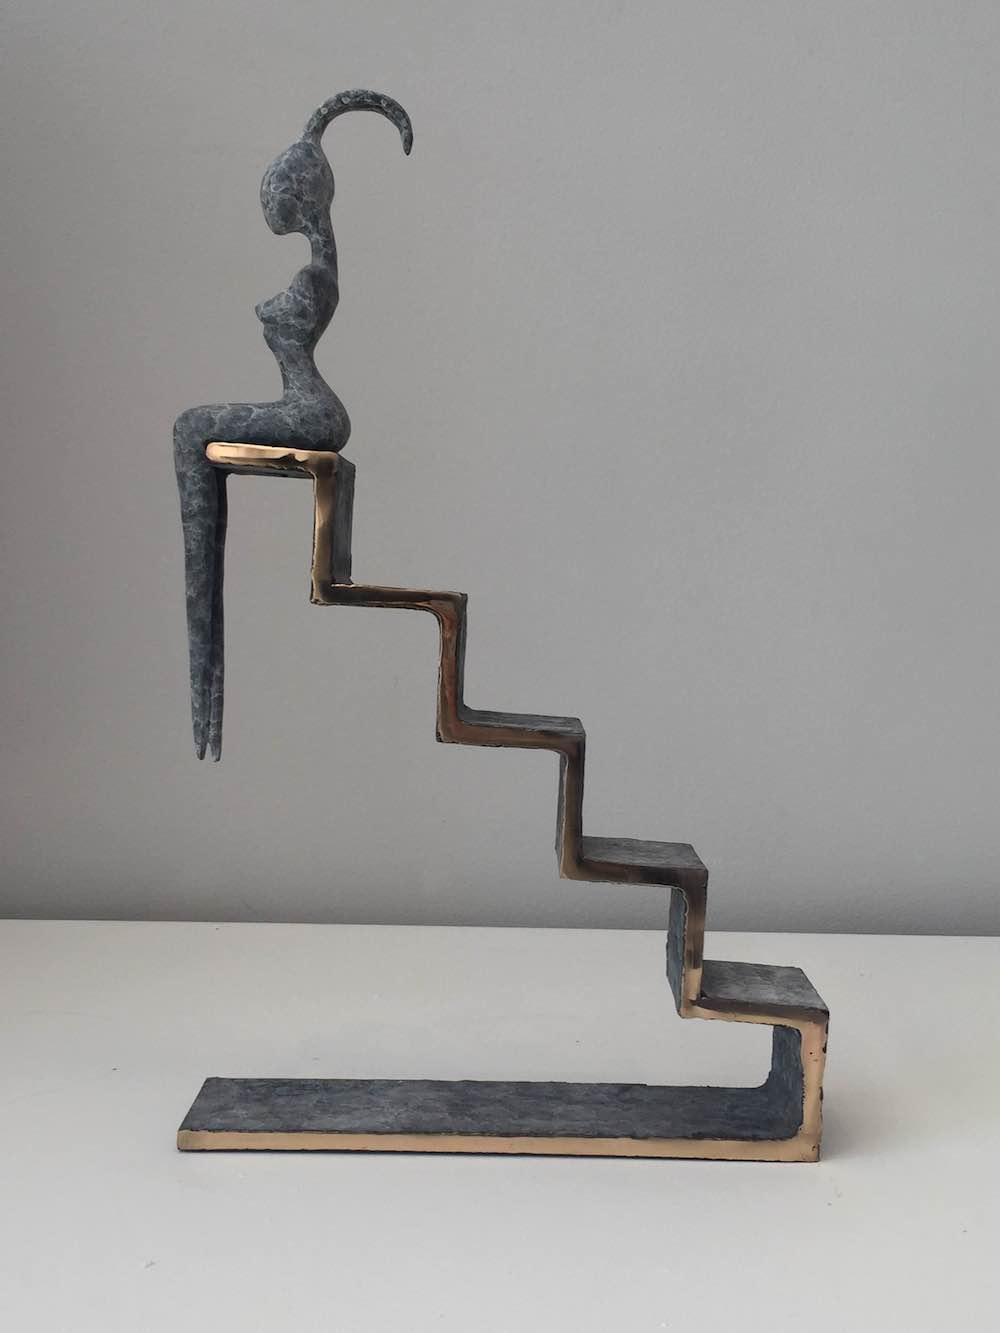 Orla de Bri, Steps, bronze, edition no 2 of 3, 43 x 32 x 7 cm